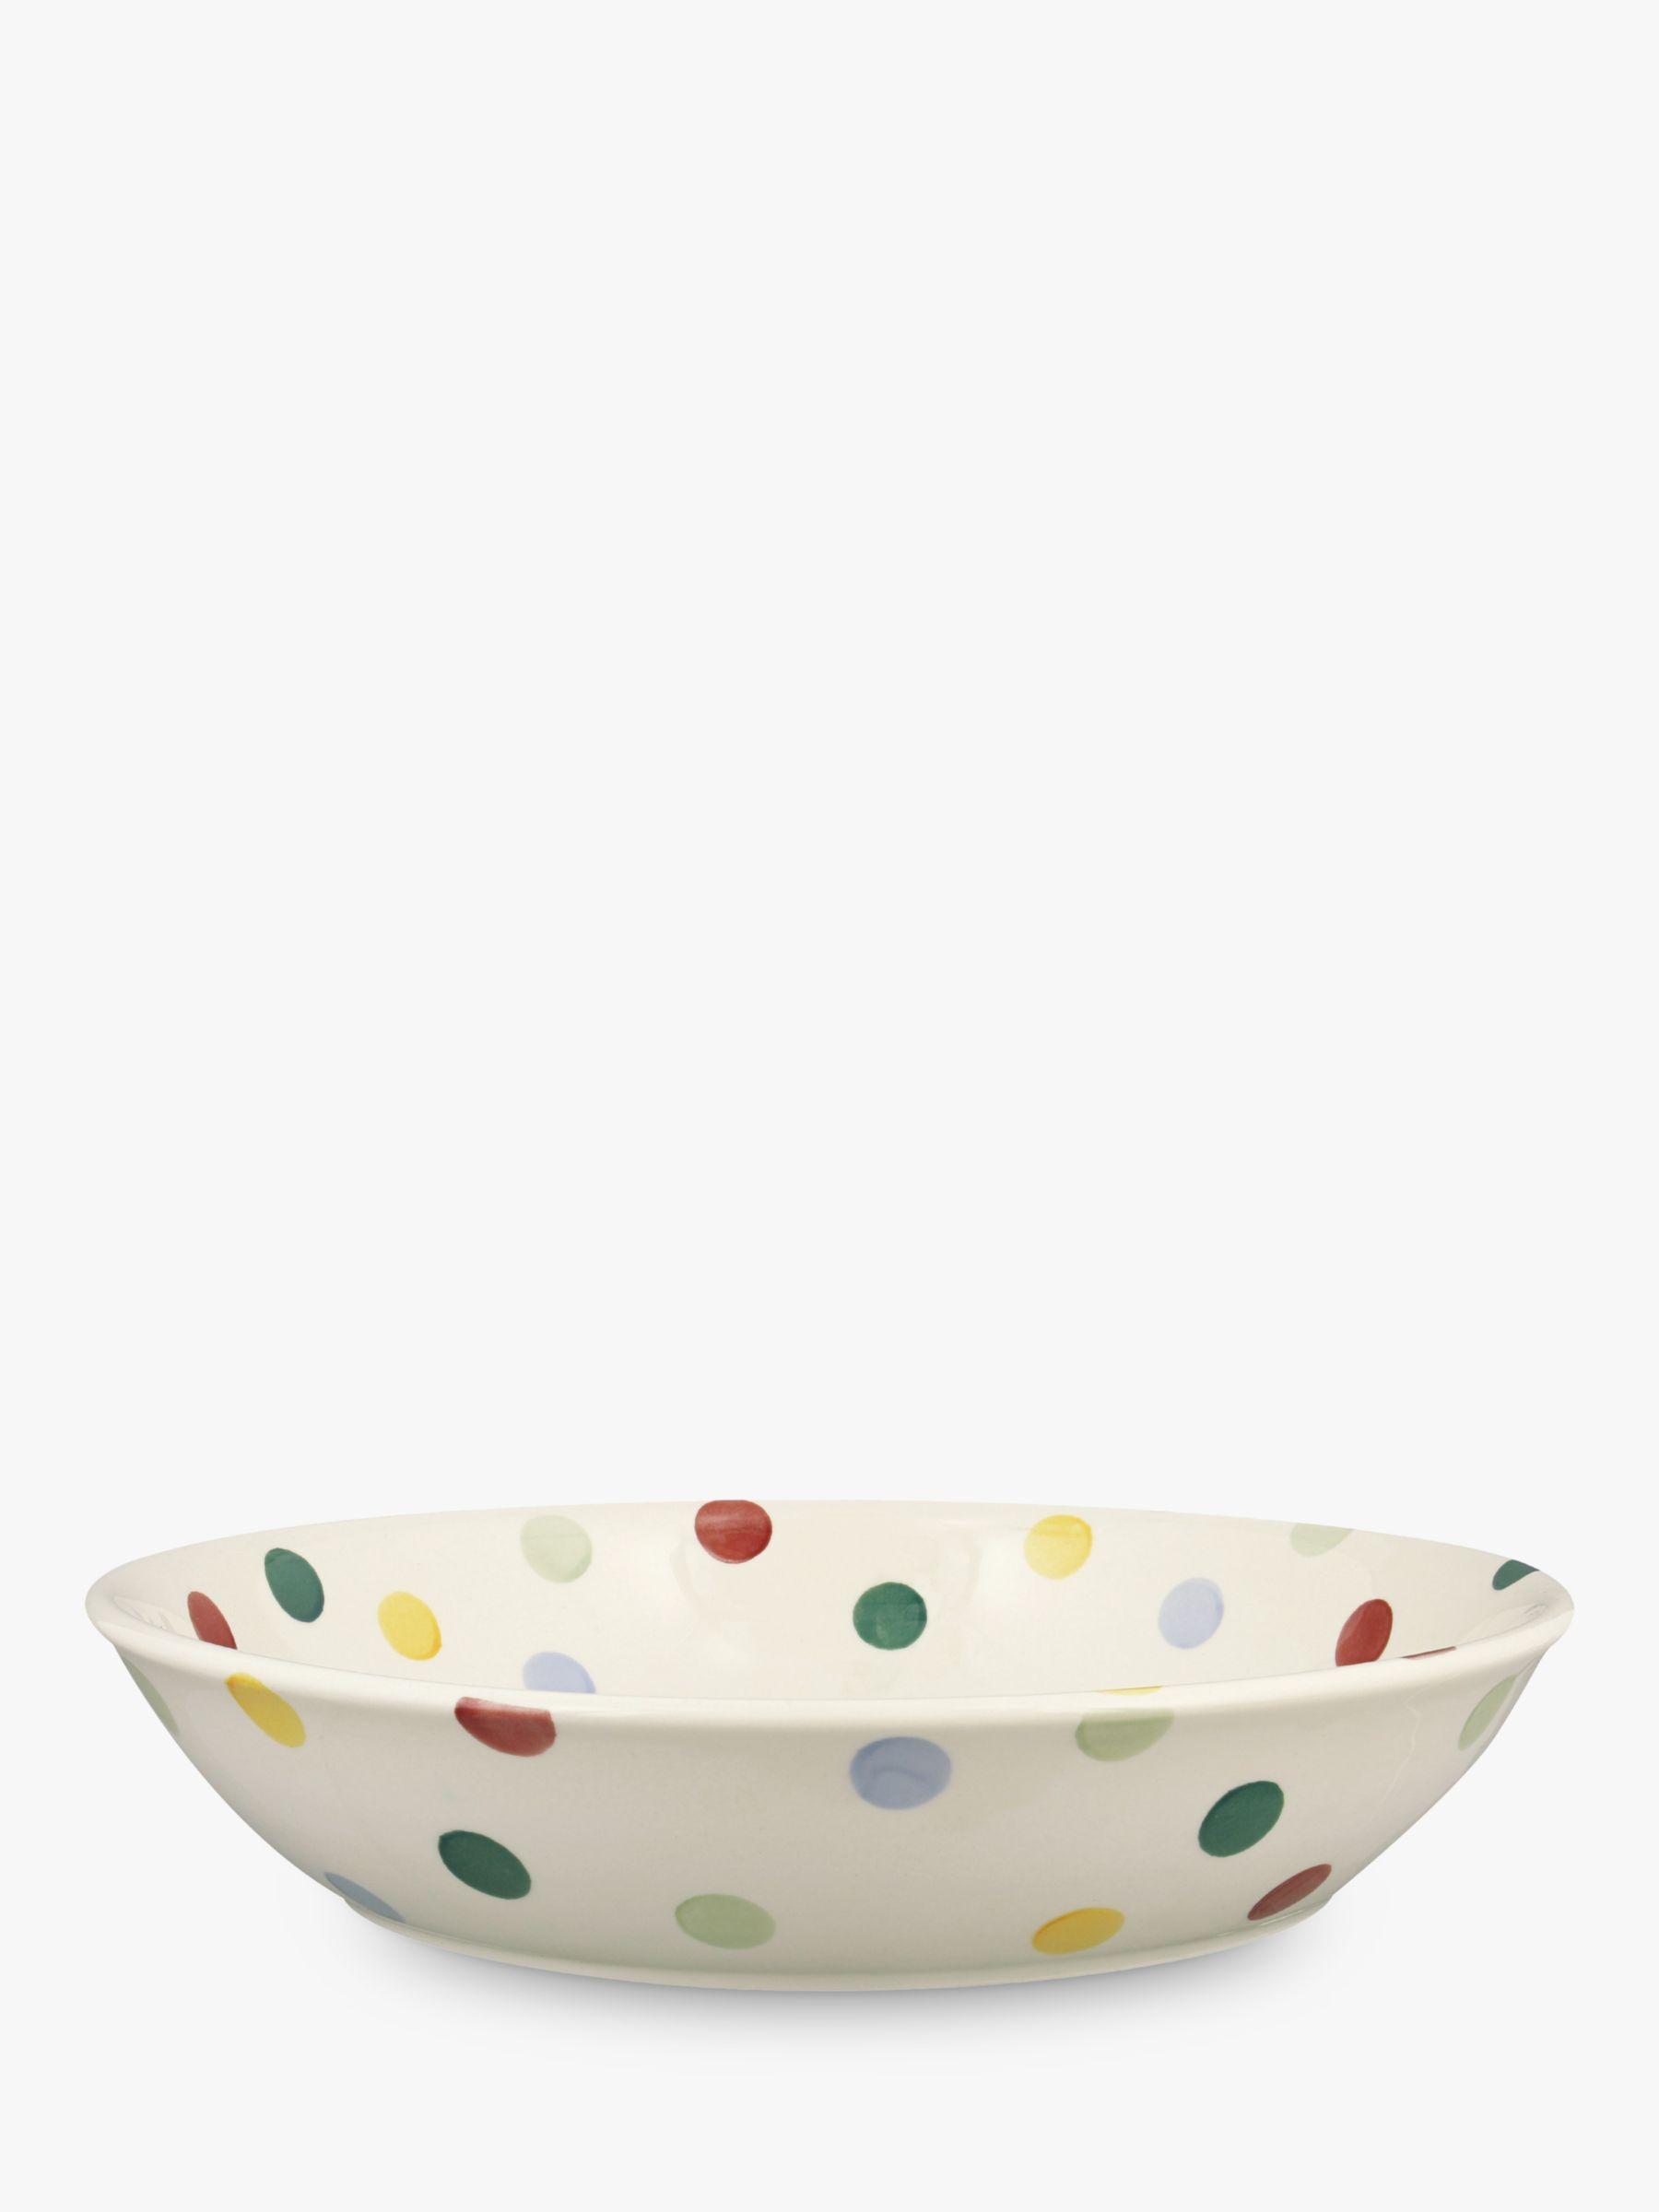 Emma Bridgewater Emma Bridgewater Polka Dot Medium Pasta Bowl, Multi, Dia.23.5cm